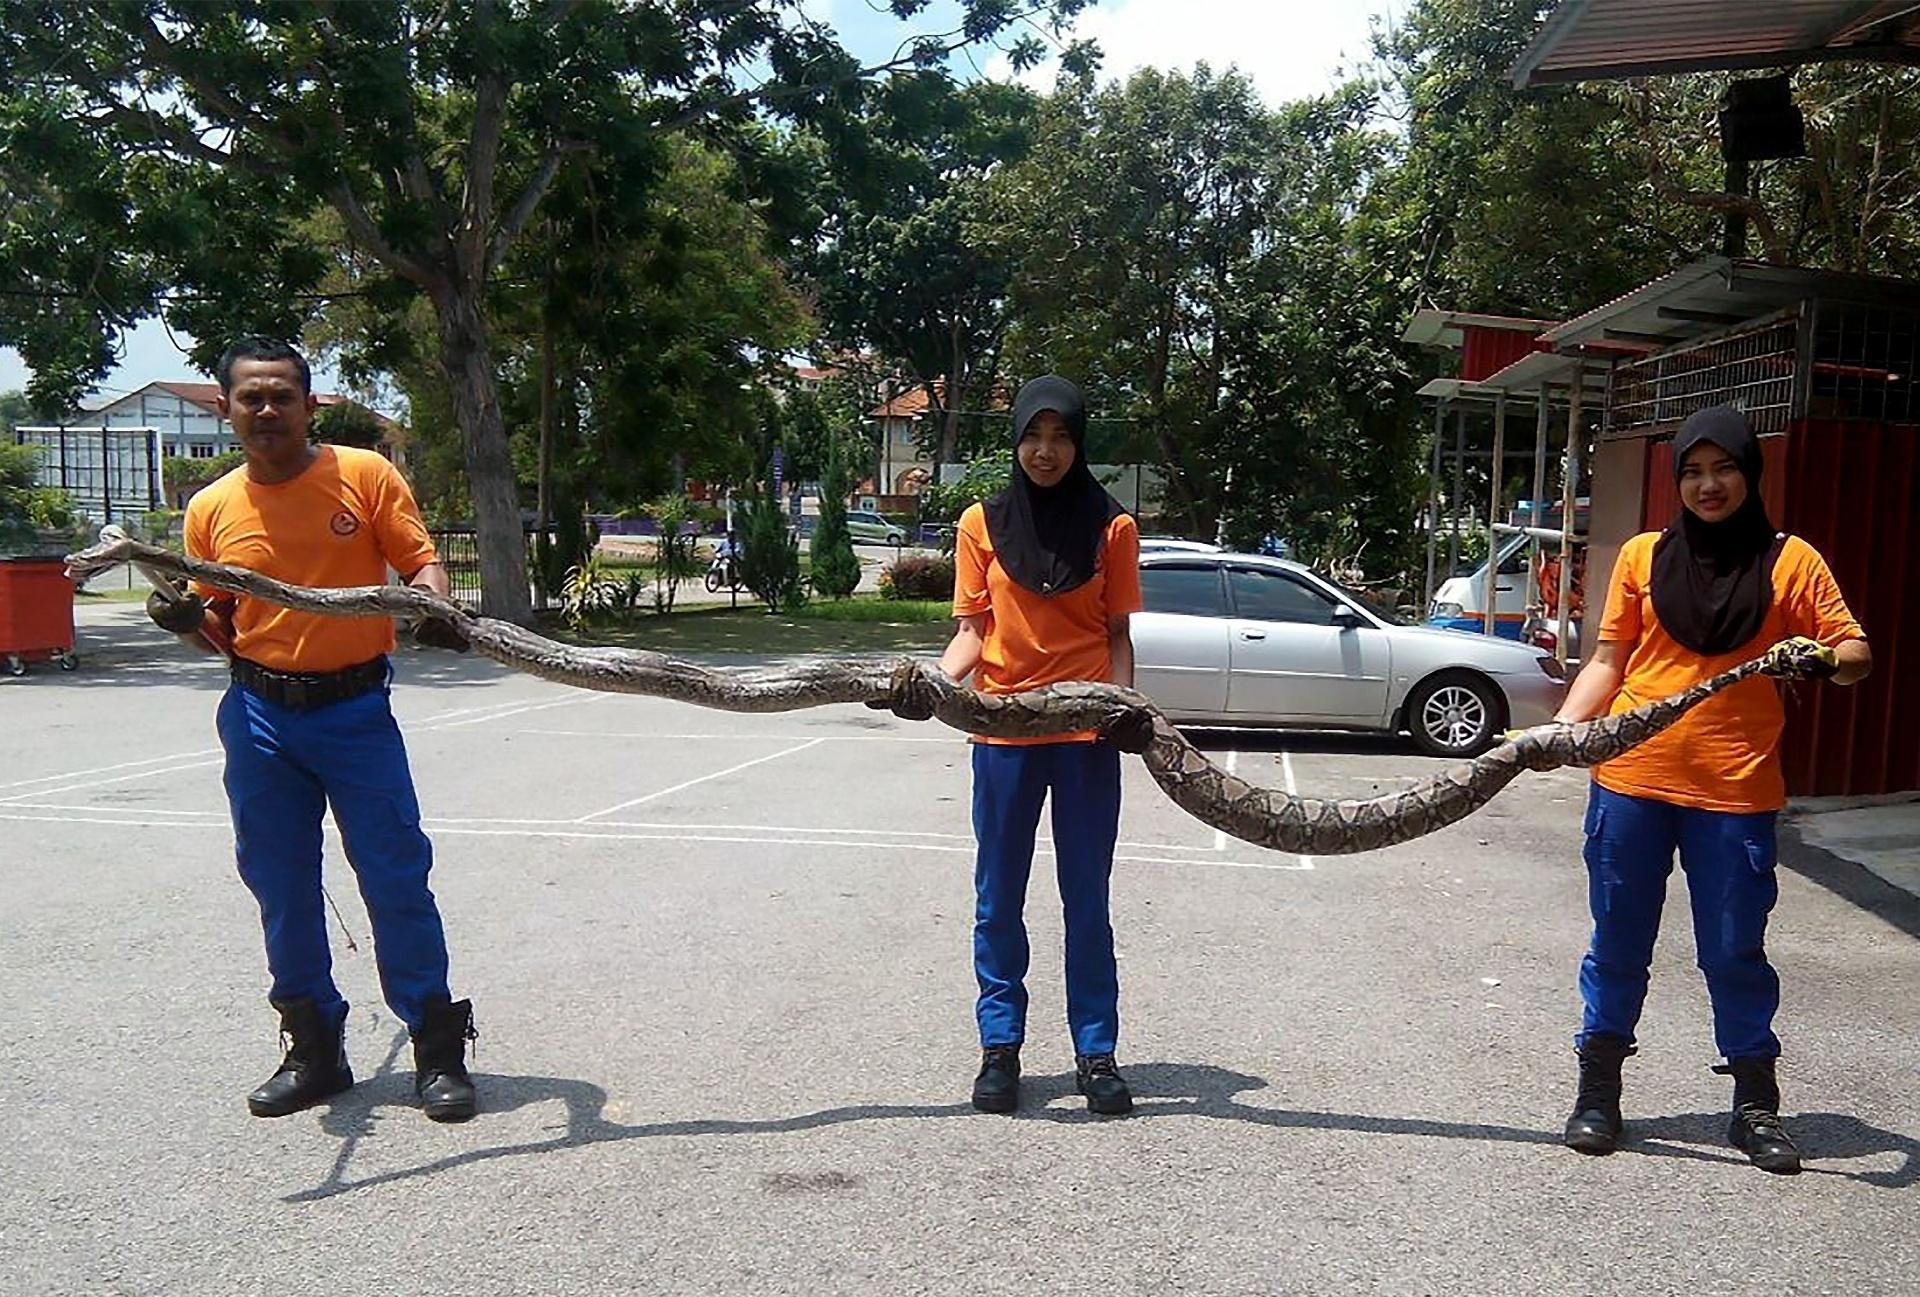 10.mai.2016 - Cobra píton de 3,7 metros é capturada em estação de telecomunicações em Malacca, na região de Kuala Lumpur, na Malásia